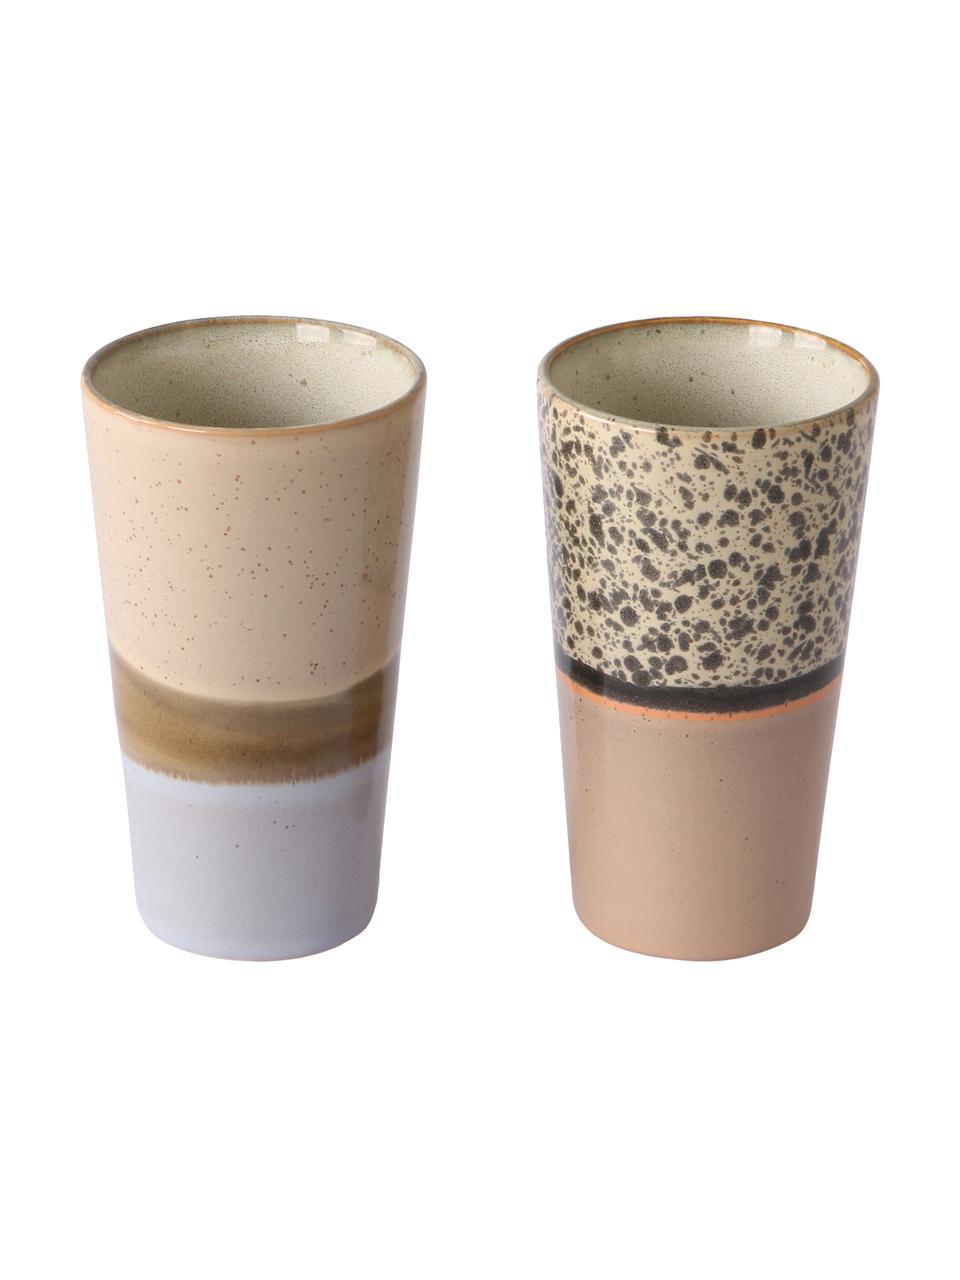 Handgemachte Becher 70's im Retro Style, 2er-Set, Steingut, Mehrfarbig, Brauntöne, Ø 8 x H 13 cm